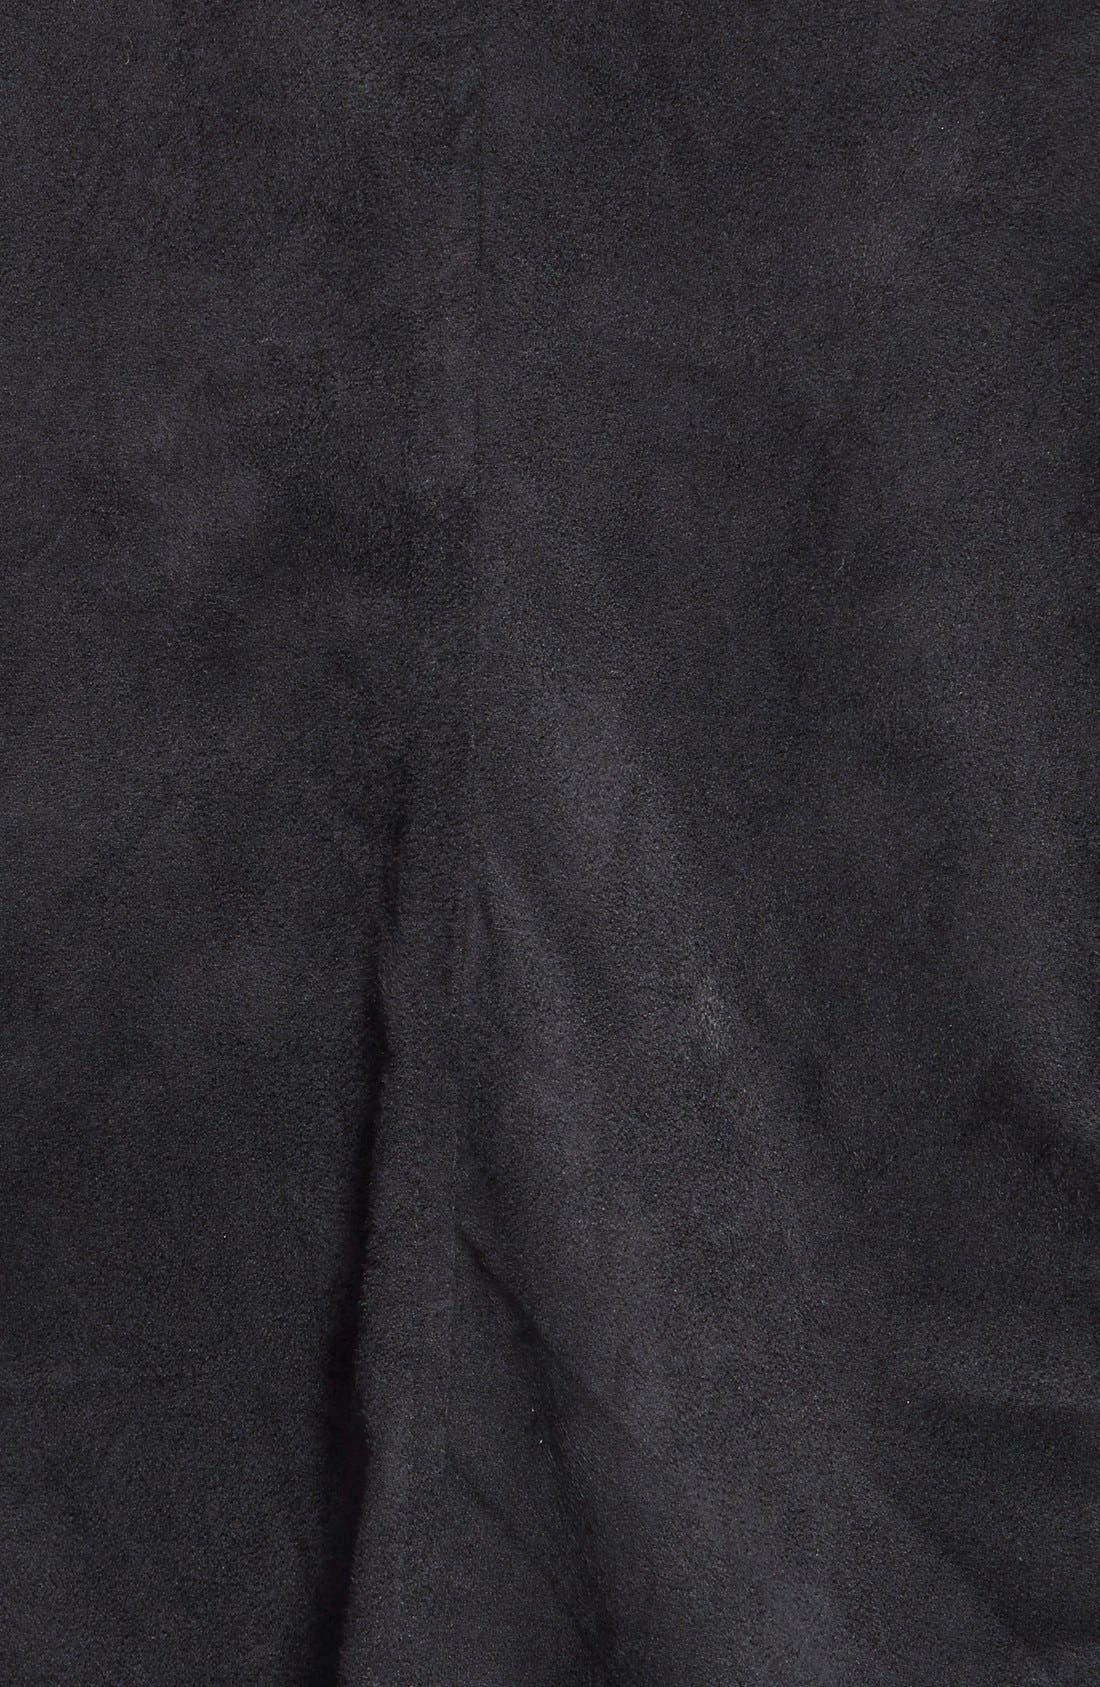 Alternate Image 3  - Jessica Simpson 'Altmar' Faux Suede Asymmetrical Zip Jacket (Plus Size)